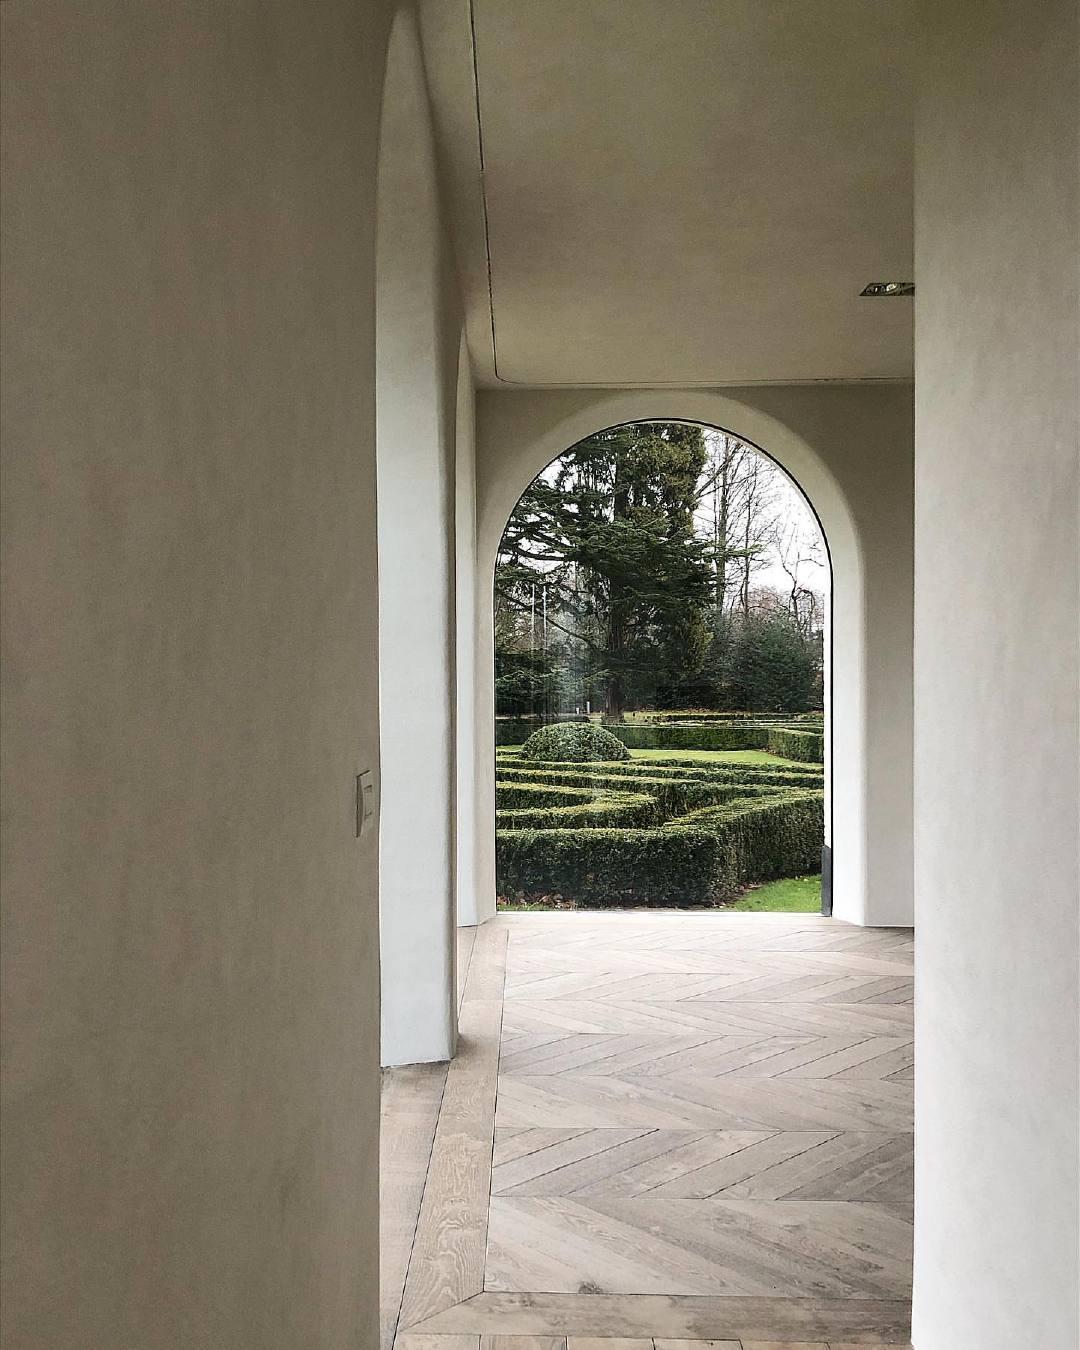 建筑师Benoit Viaene总是以严肃的崇高去创造空间,生活即是艺术